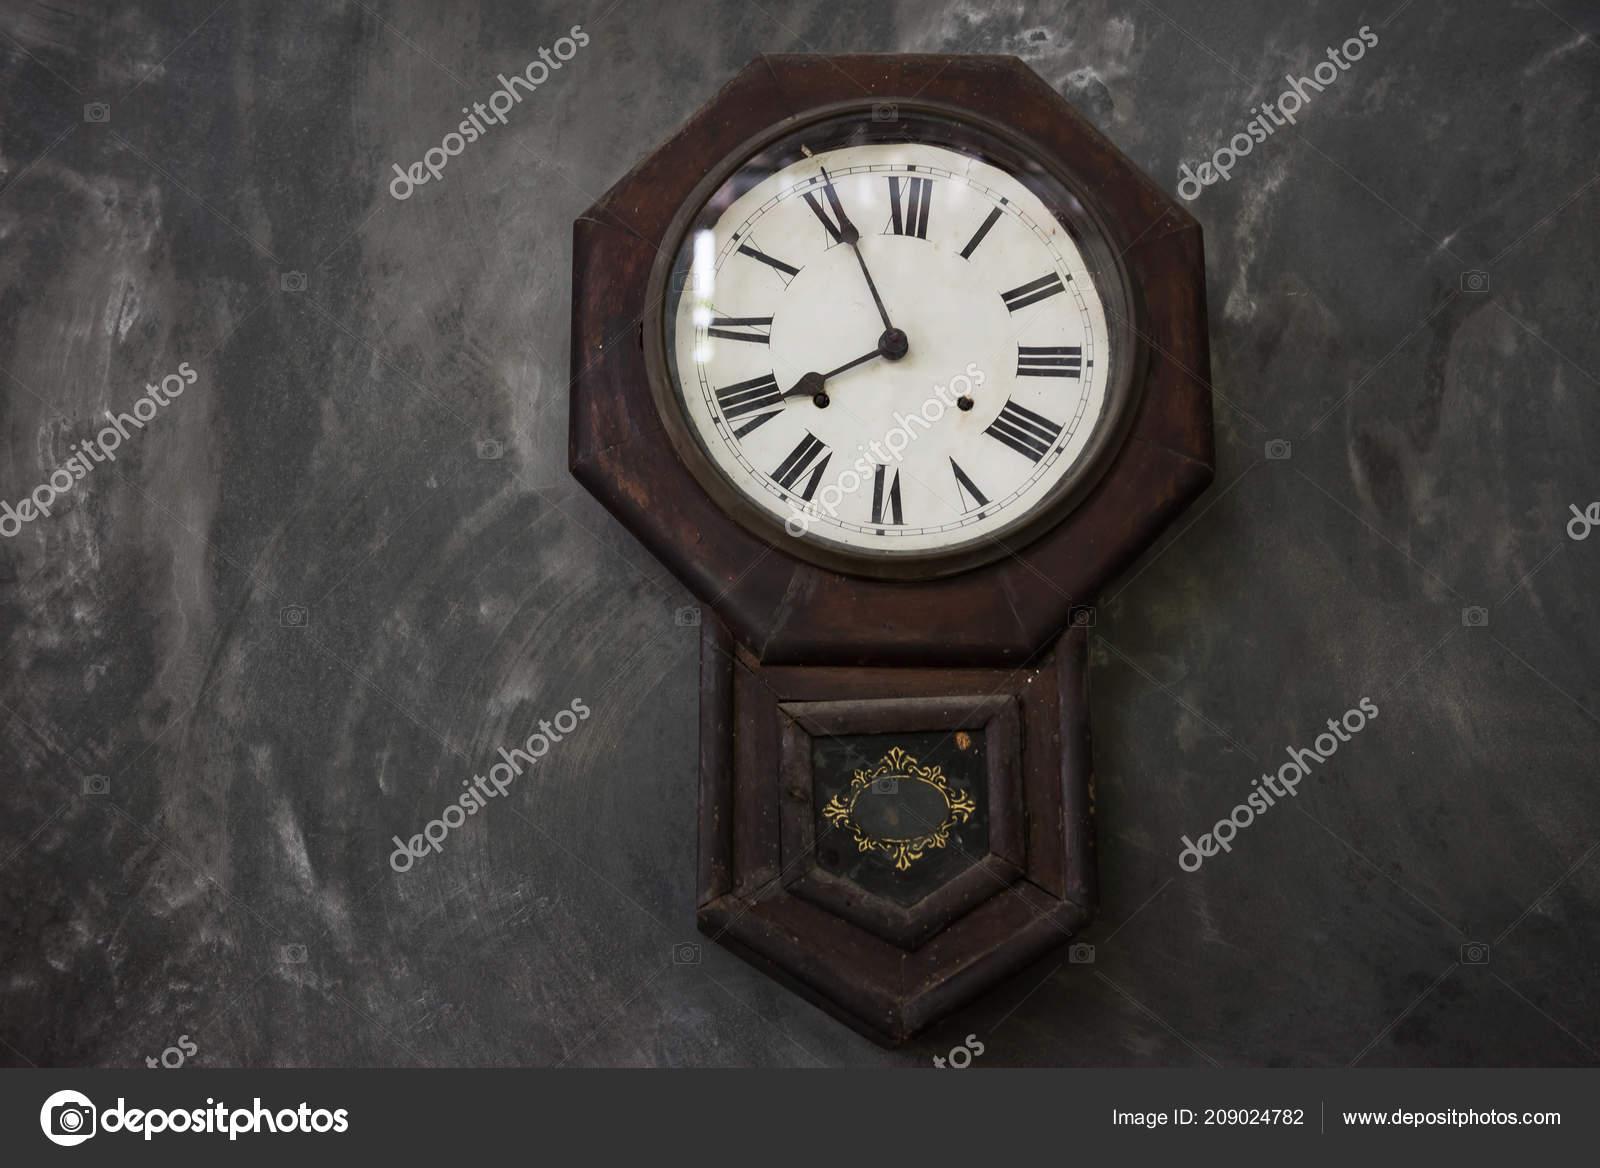 5ad5f09b902 Relógio Antigo Madeira Velho Parede Cinza Grunge Vintage Decoração  Doméstica — Fotografia de Stock